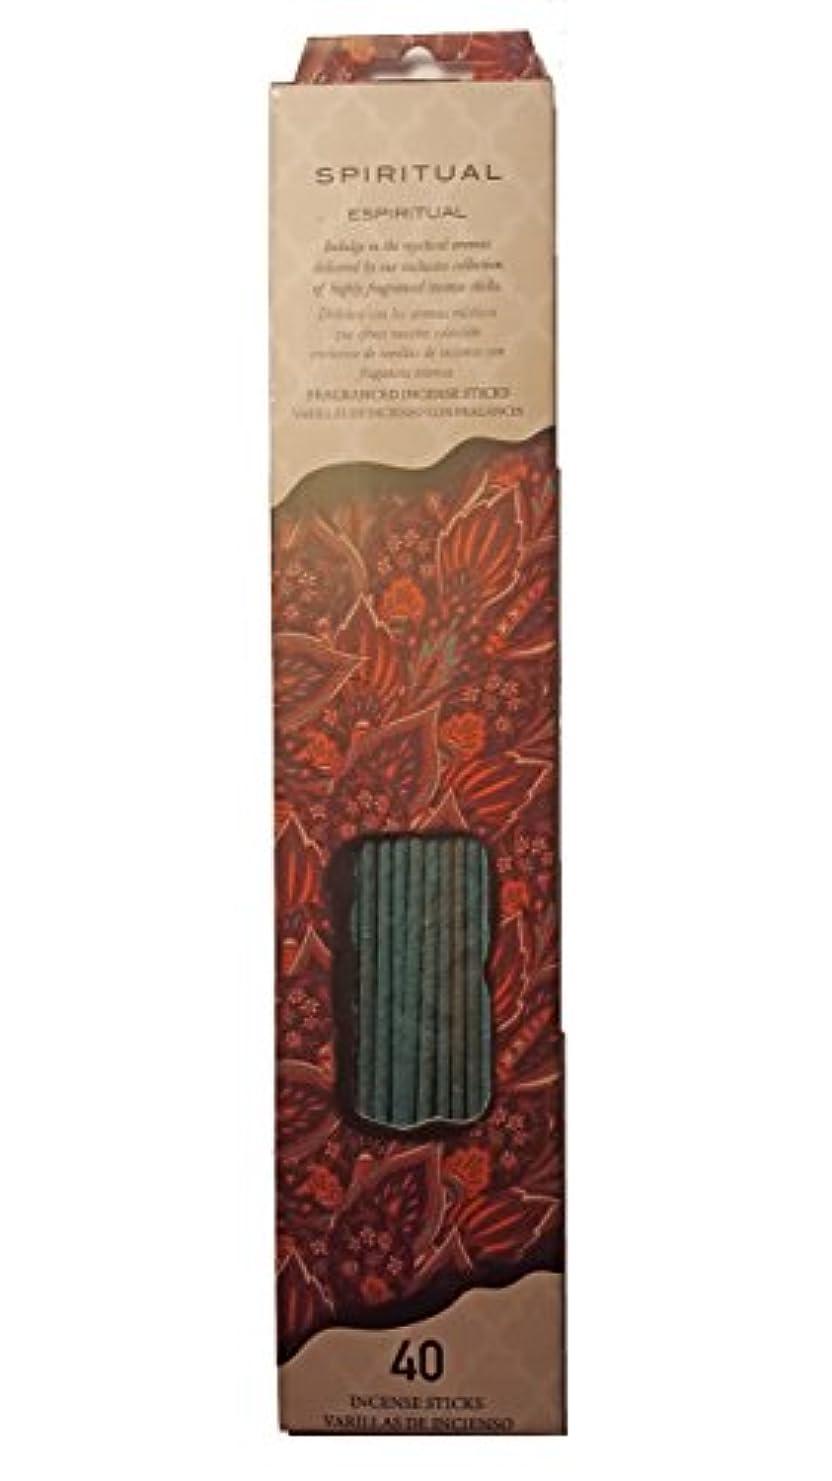 建物普遍的なお手入れFlora Classique Spiritual Incense、40 ct